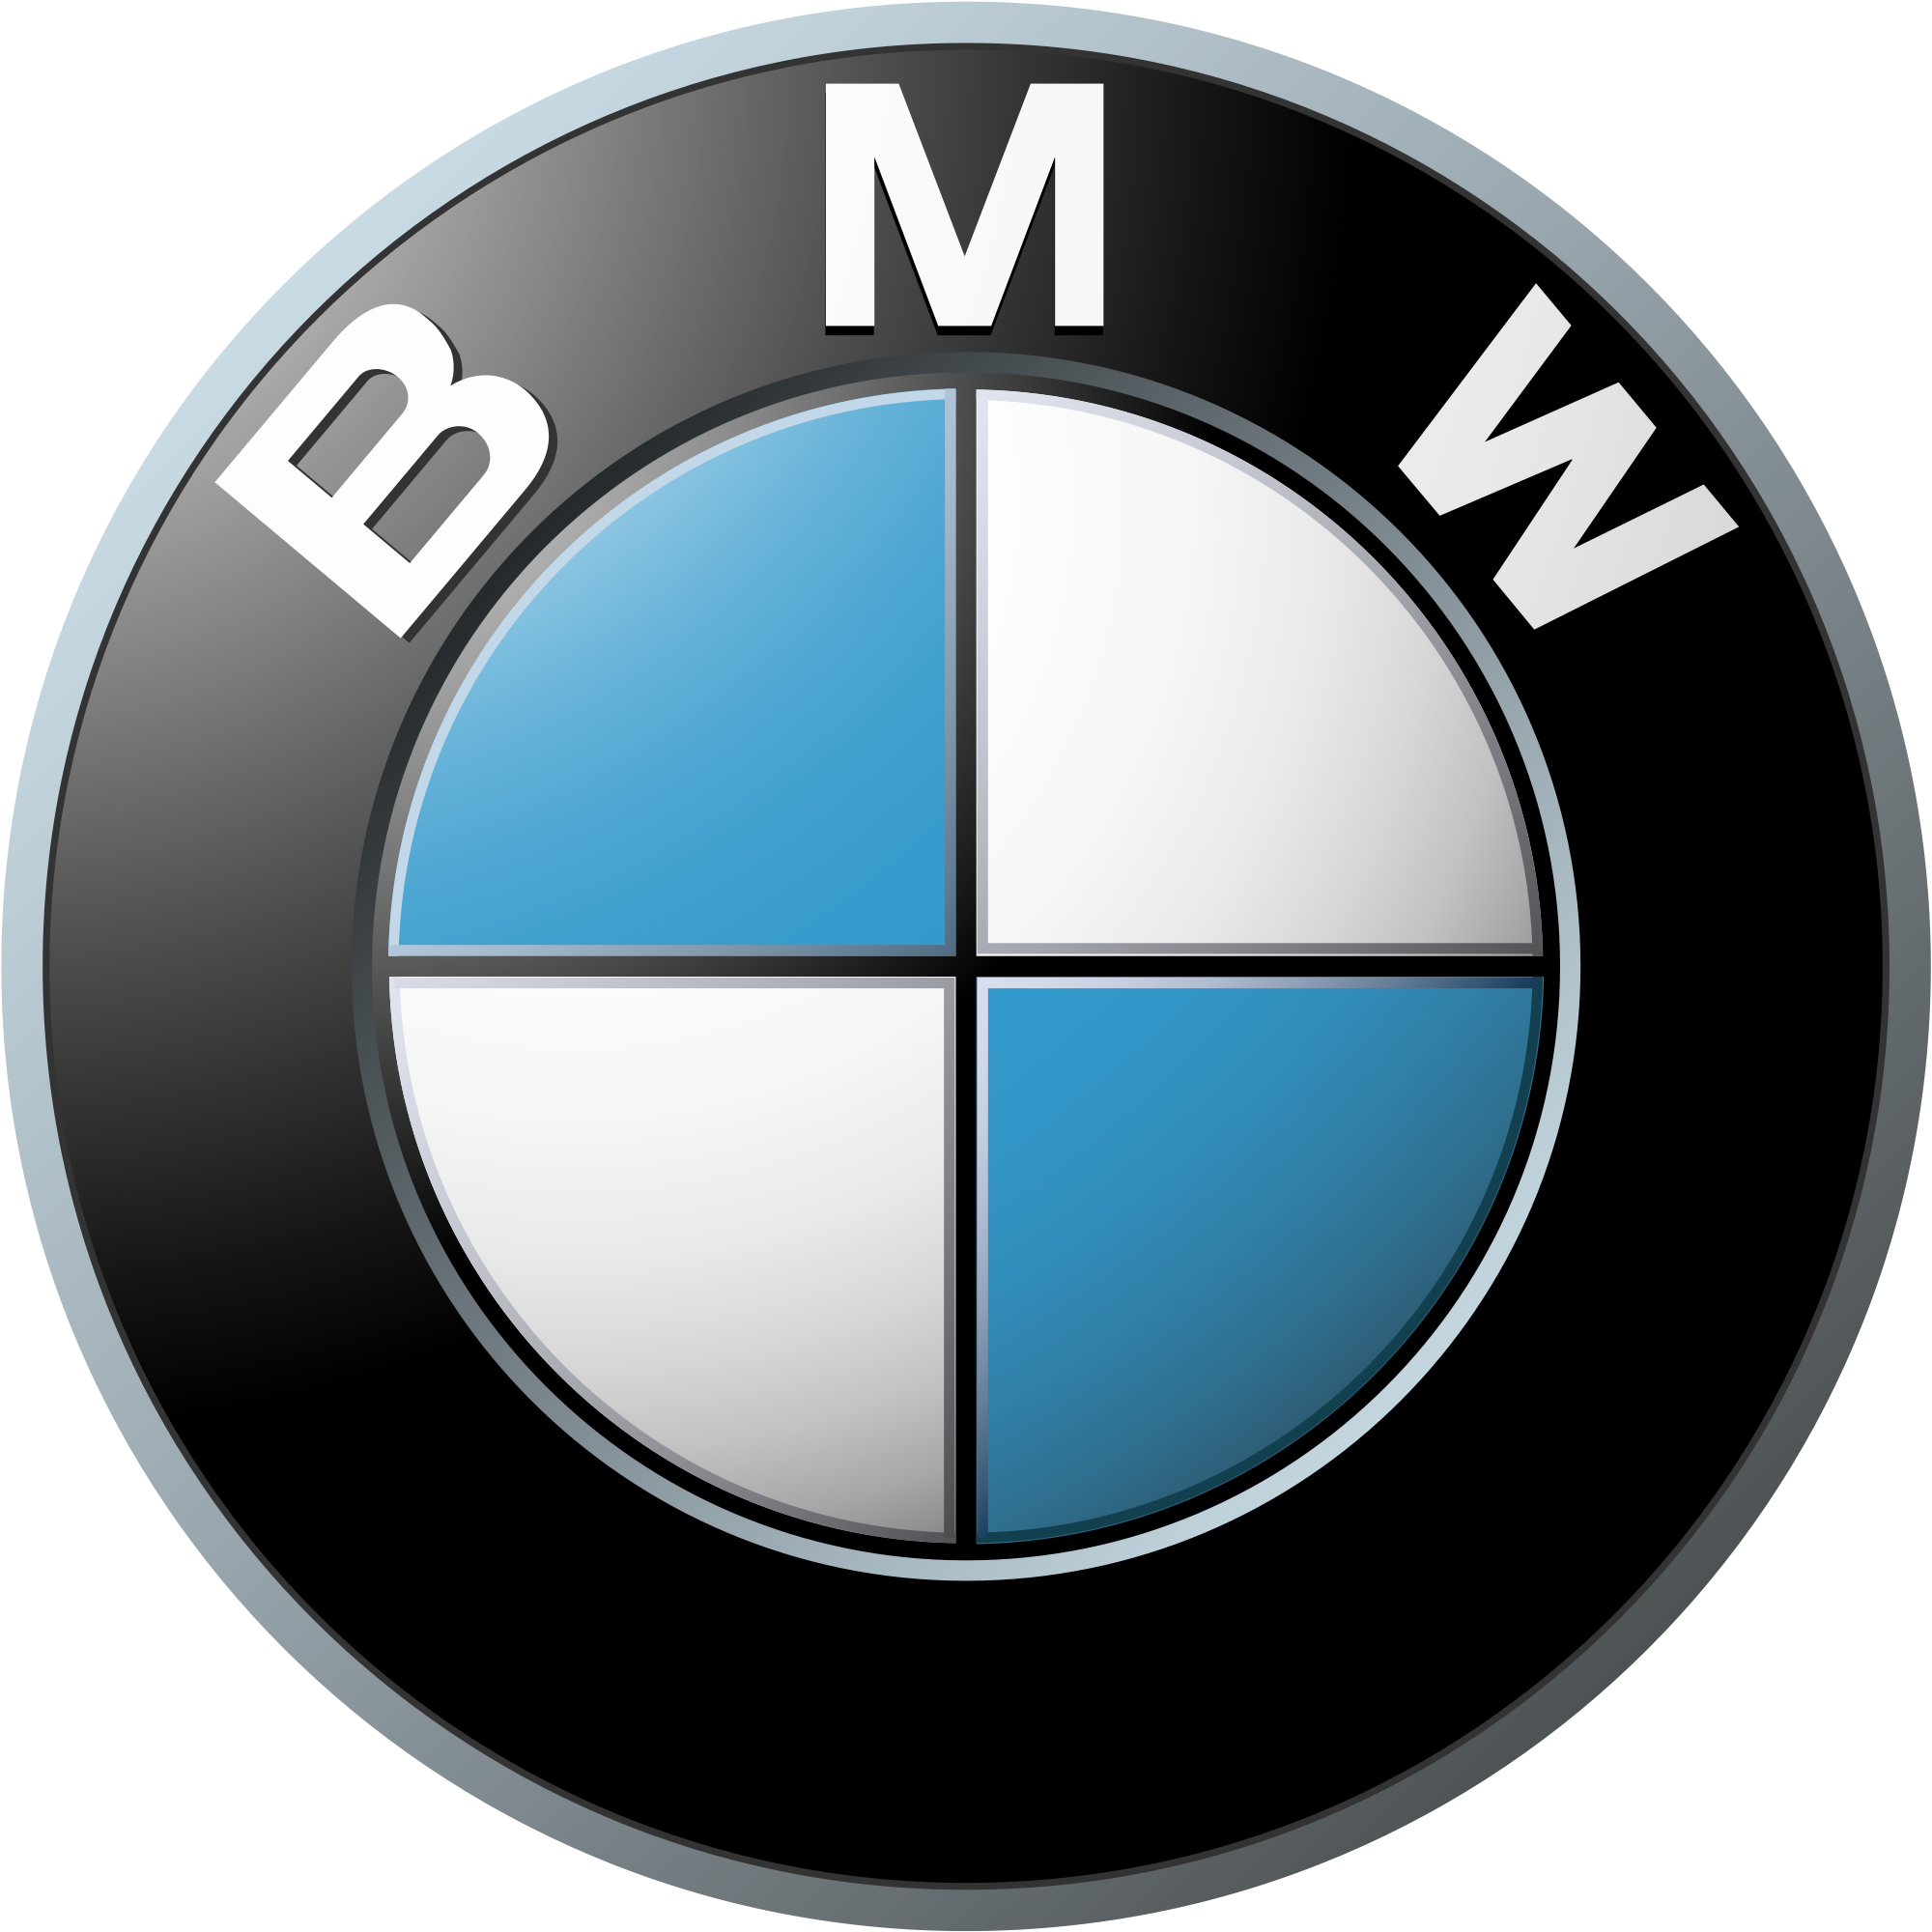 bmwtrans.png